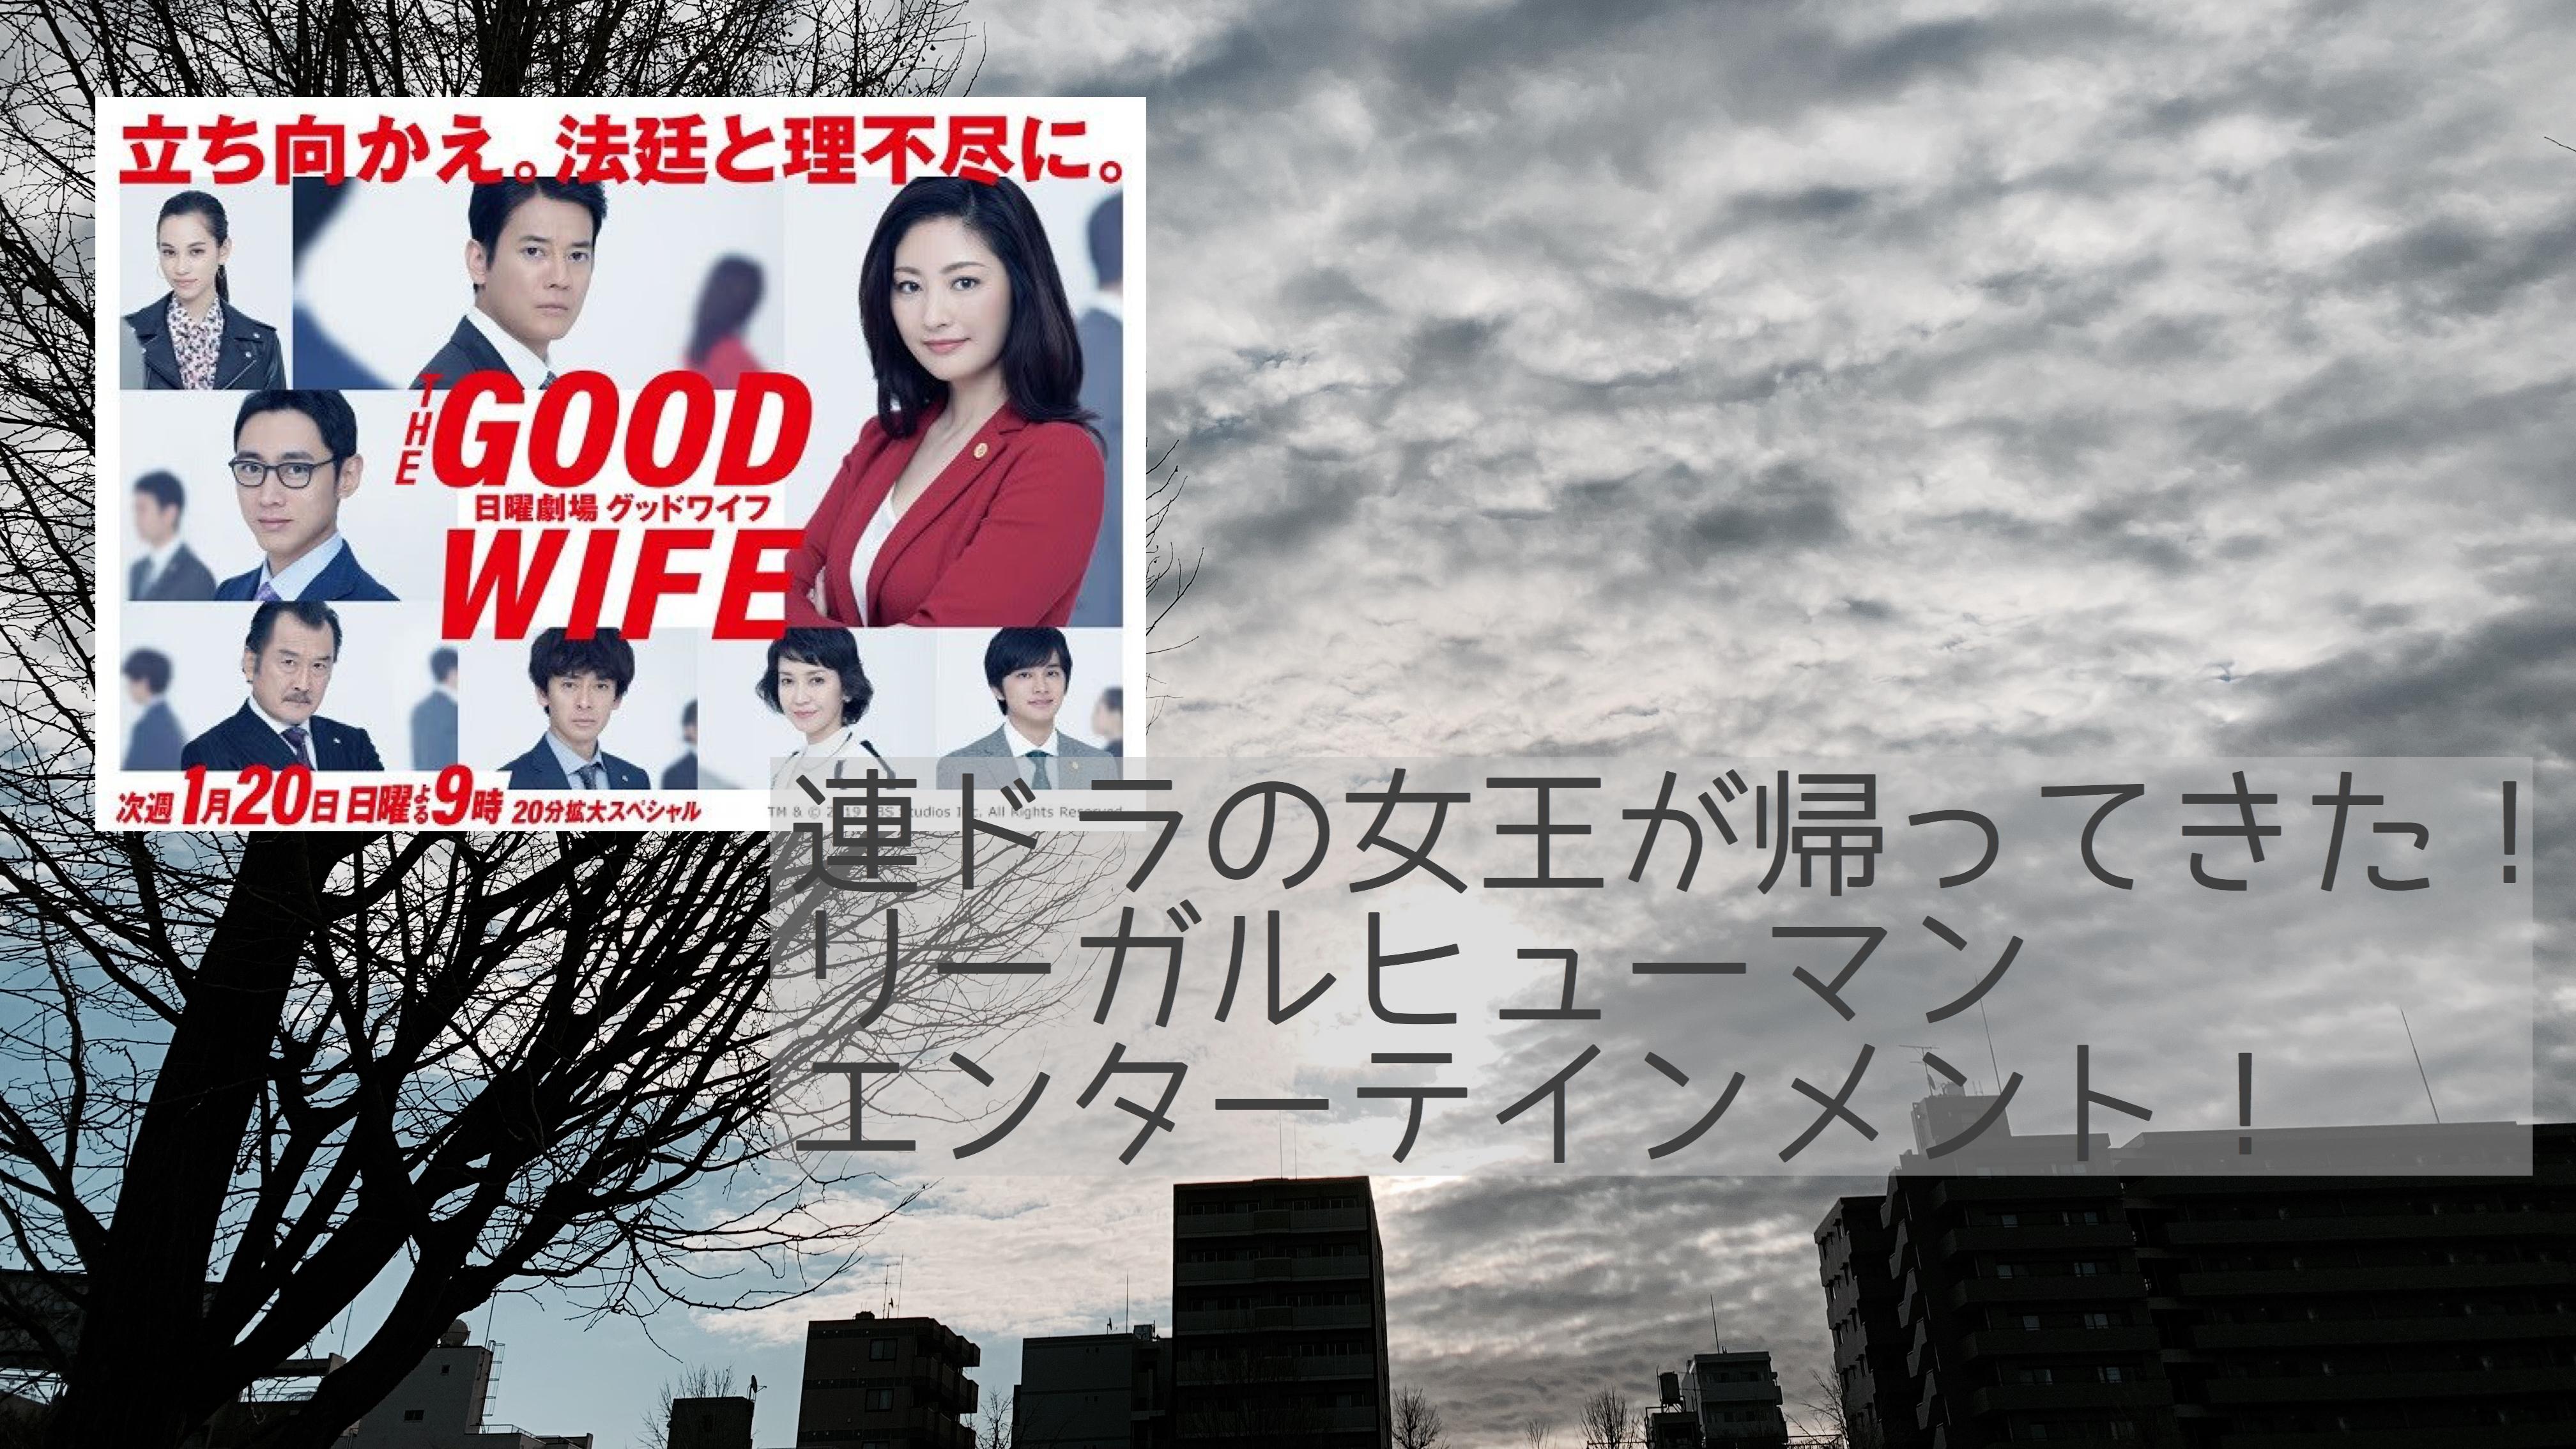 【常盤貴子主演】弁護士ドラマ「グッドワイフ」